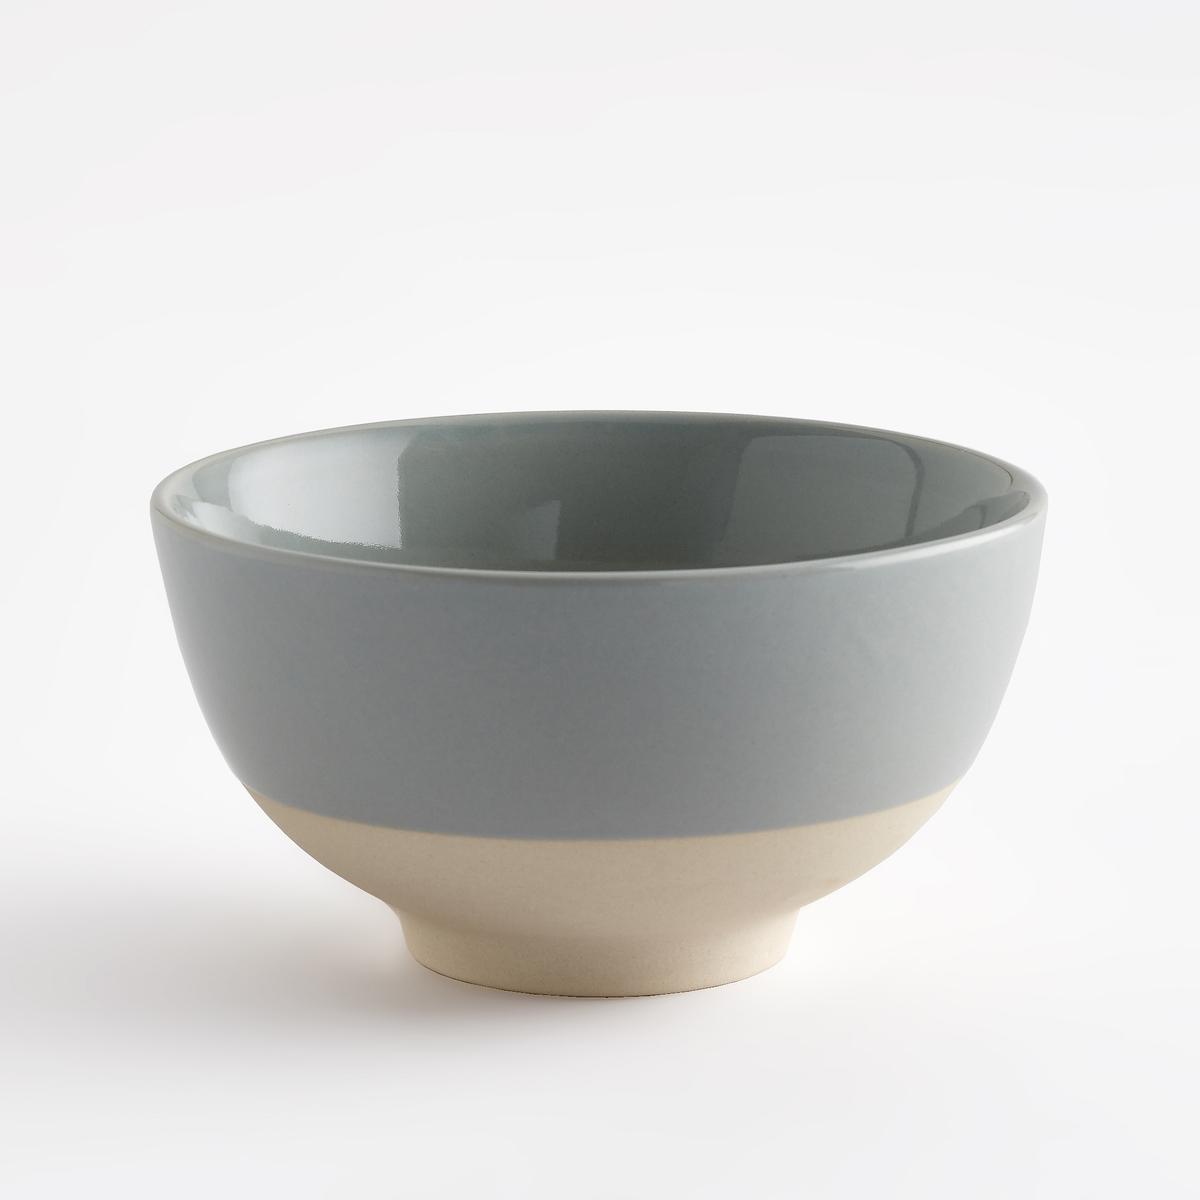 Комплект из 4 двухцветных мисок из керамики, WarotaМиски Warota отличаются строгим и аутентичным дизайном и контрастной двухцветной расцветкой, что обеспечивает сочетание с любым стилем внутреннего декора.Характеристики 4 двухцветных мисок из керамики Warota :Керамика.Дно из матовой керамики без глазури.Размеры 4 двухцветных мисок из керамики Warota :Диаметр. 13,5 x Высота 7,5 см.Цвета 4 двухцветных мисок из керамики Warota :Керамика без глазури / розовый.Керамика без глазури / синий.Другие миски и предметы декора стола вы можете найти на сайте laredoute.ru<br><br>Цвет: розовая пудра,синий